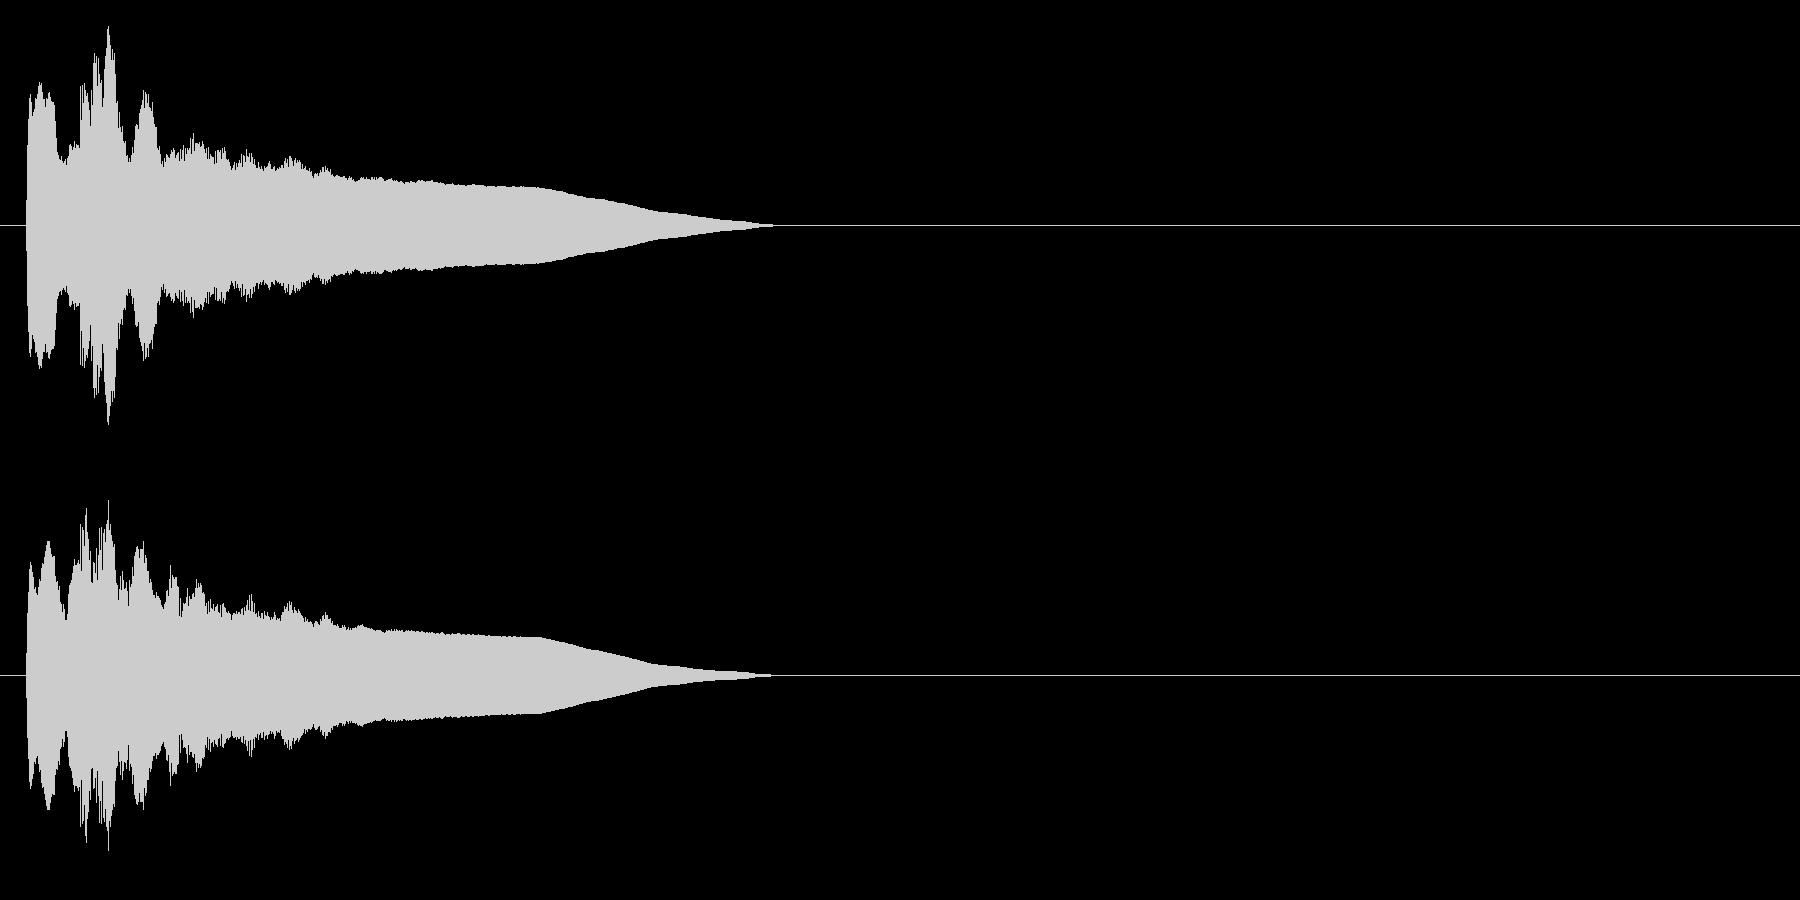 ピンポン系3 シンセの未再生の波形